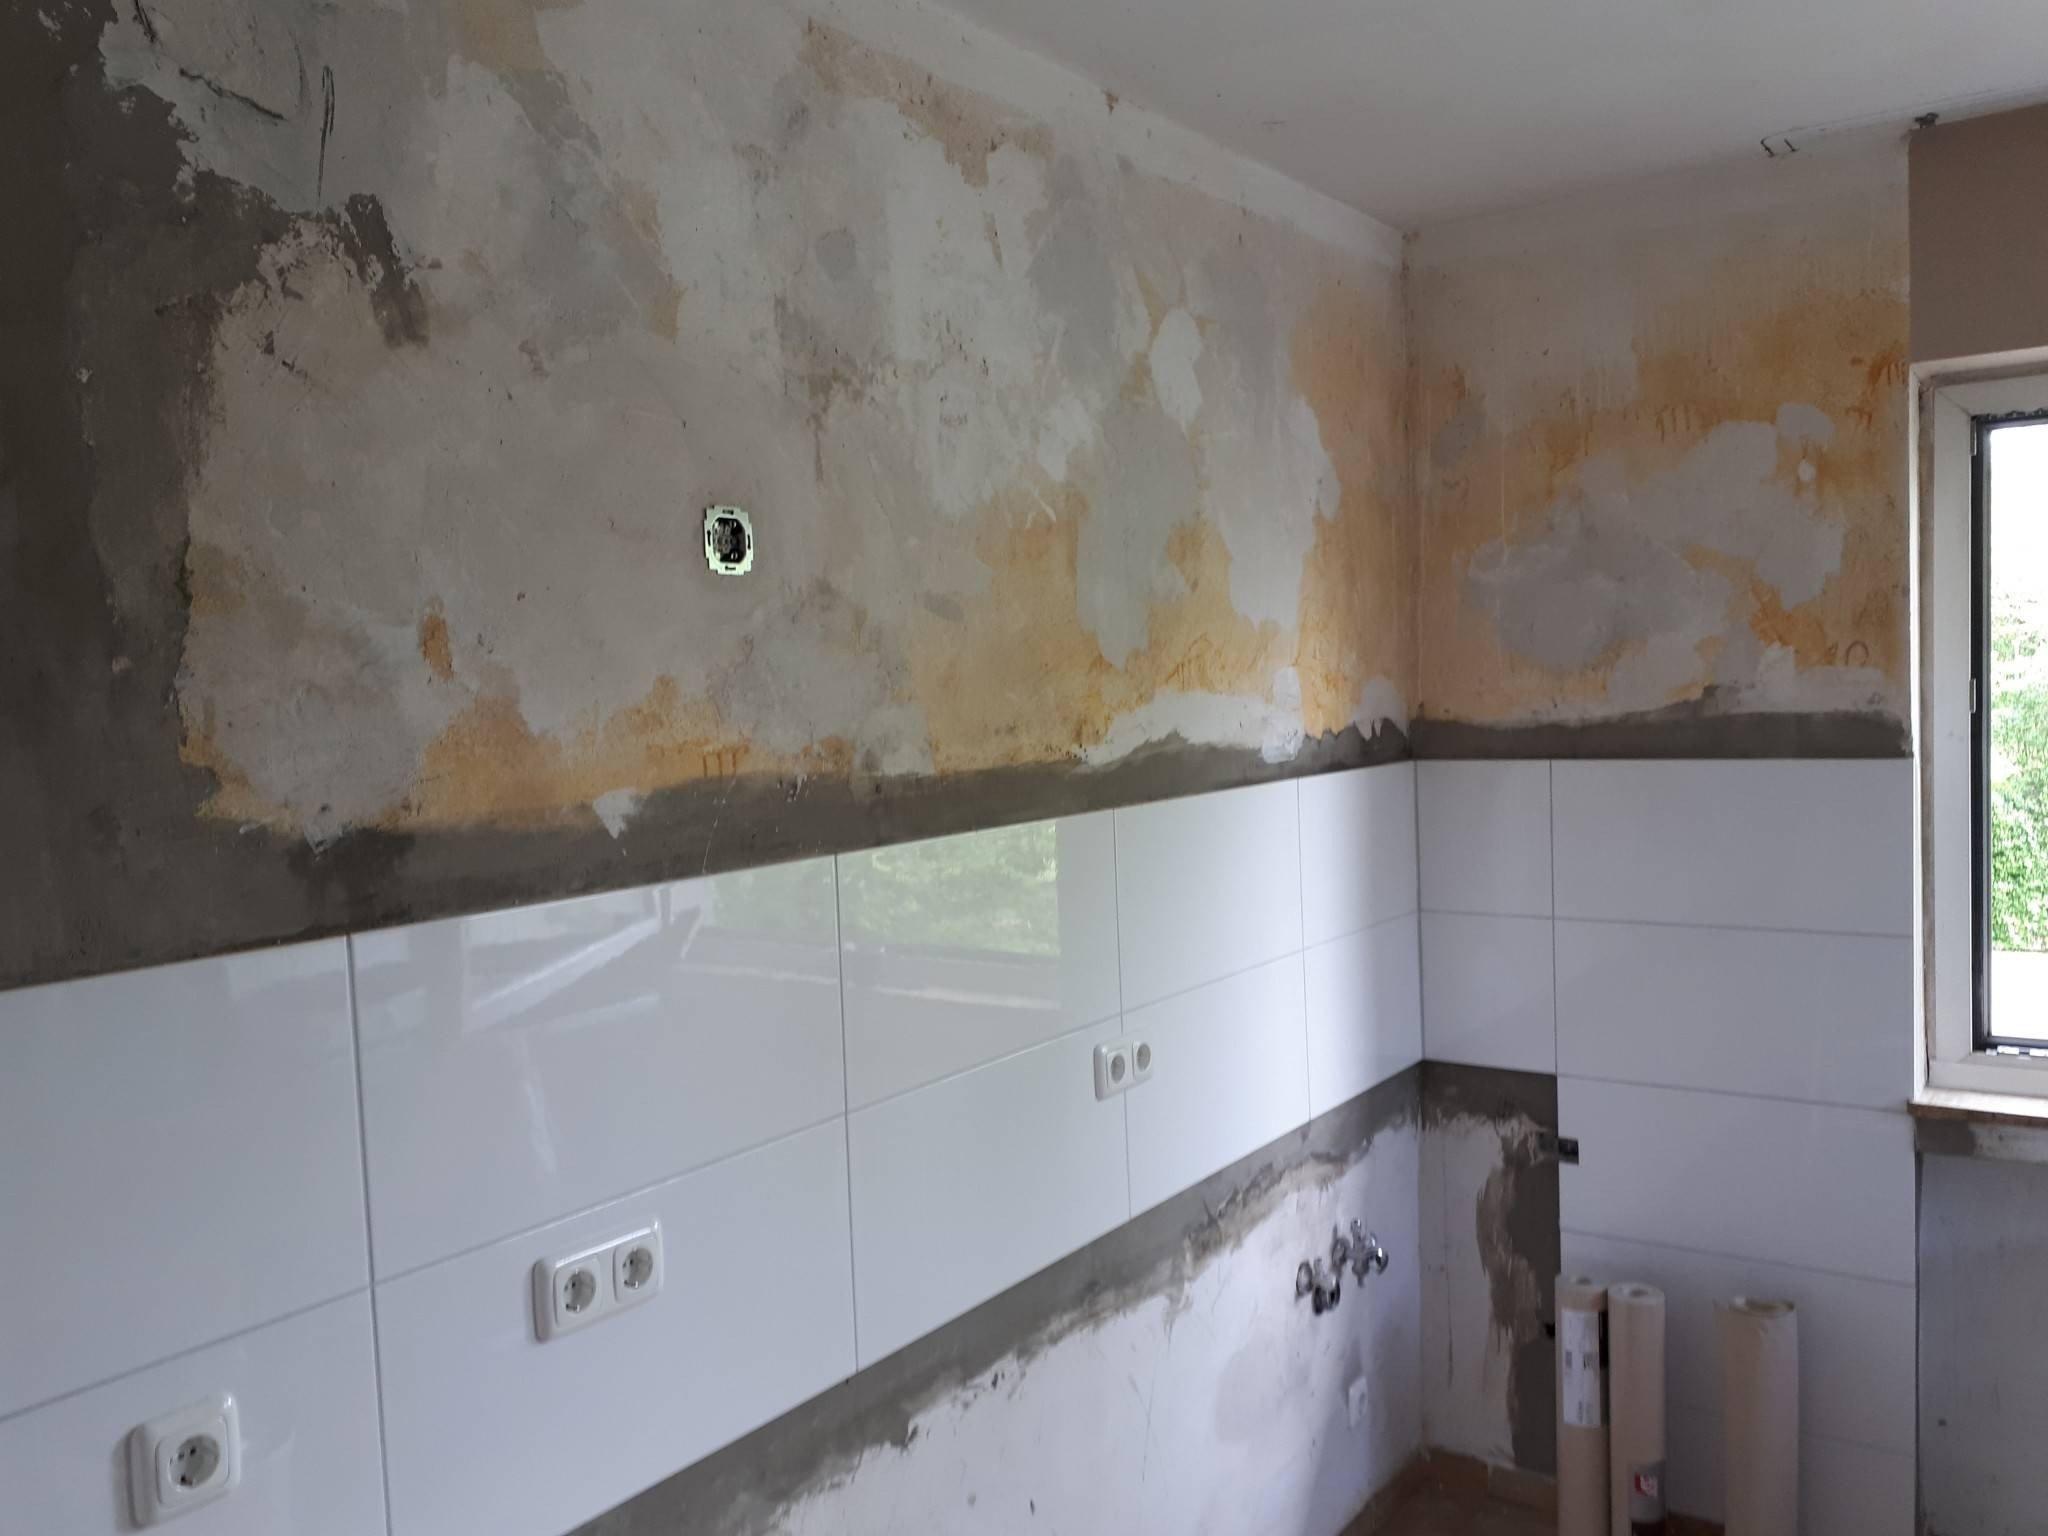 Einbau Steckdosen Arbeitsplatte Küche